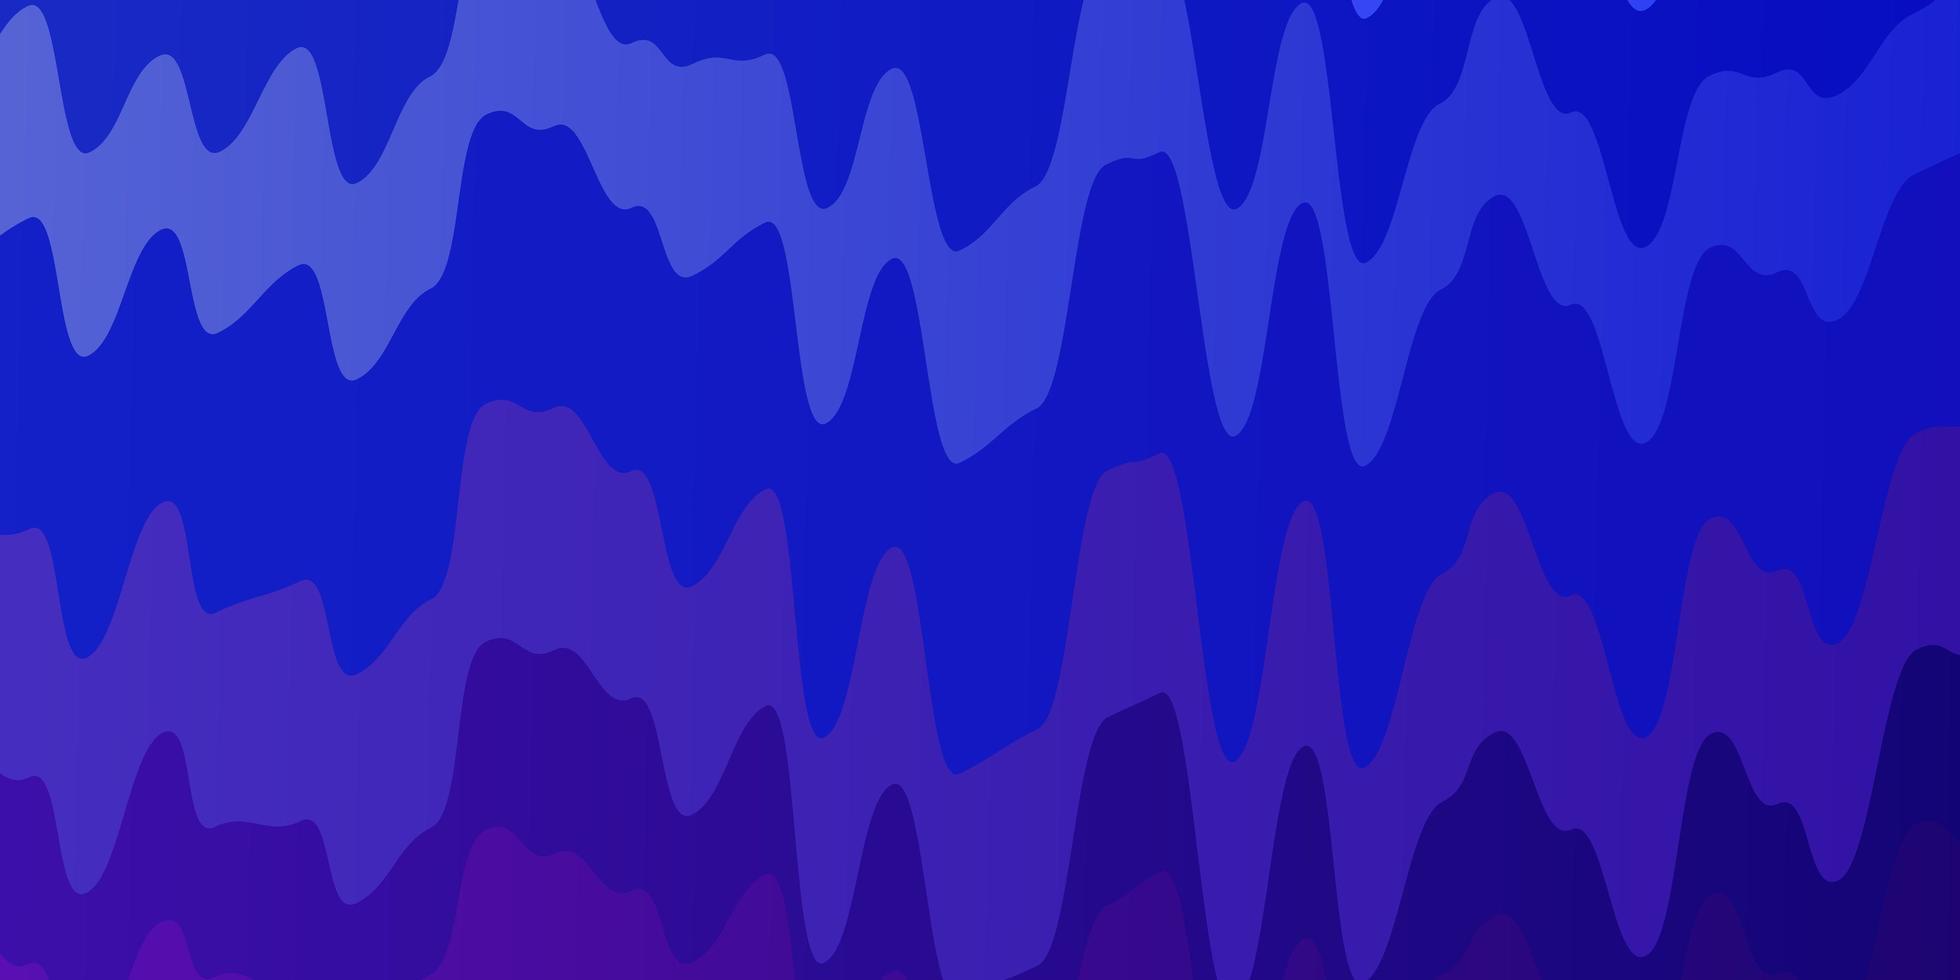 blå, lila bakgrund med vågiga linjer. vektor